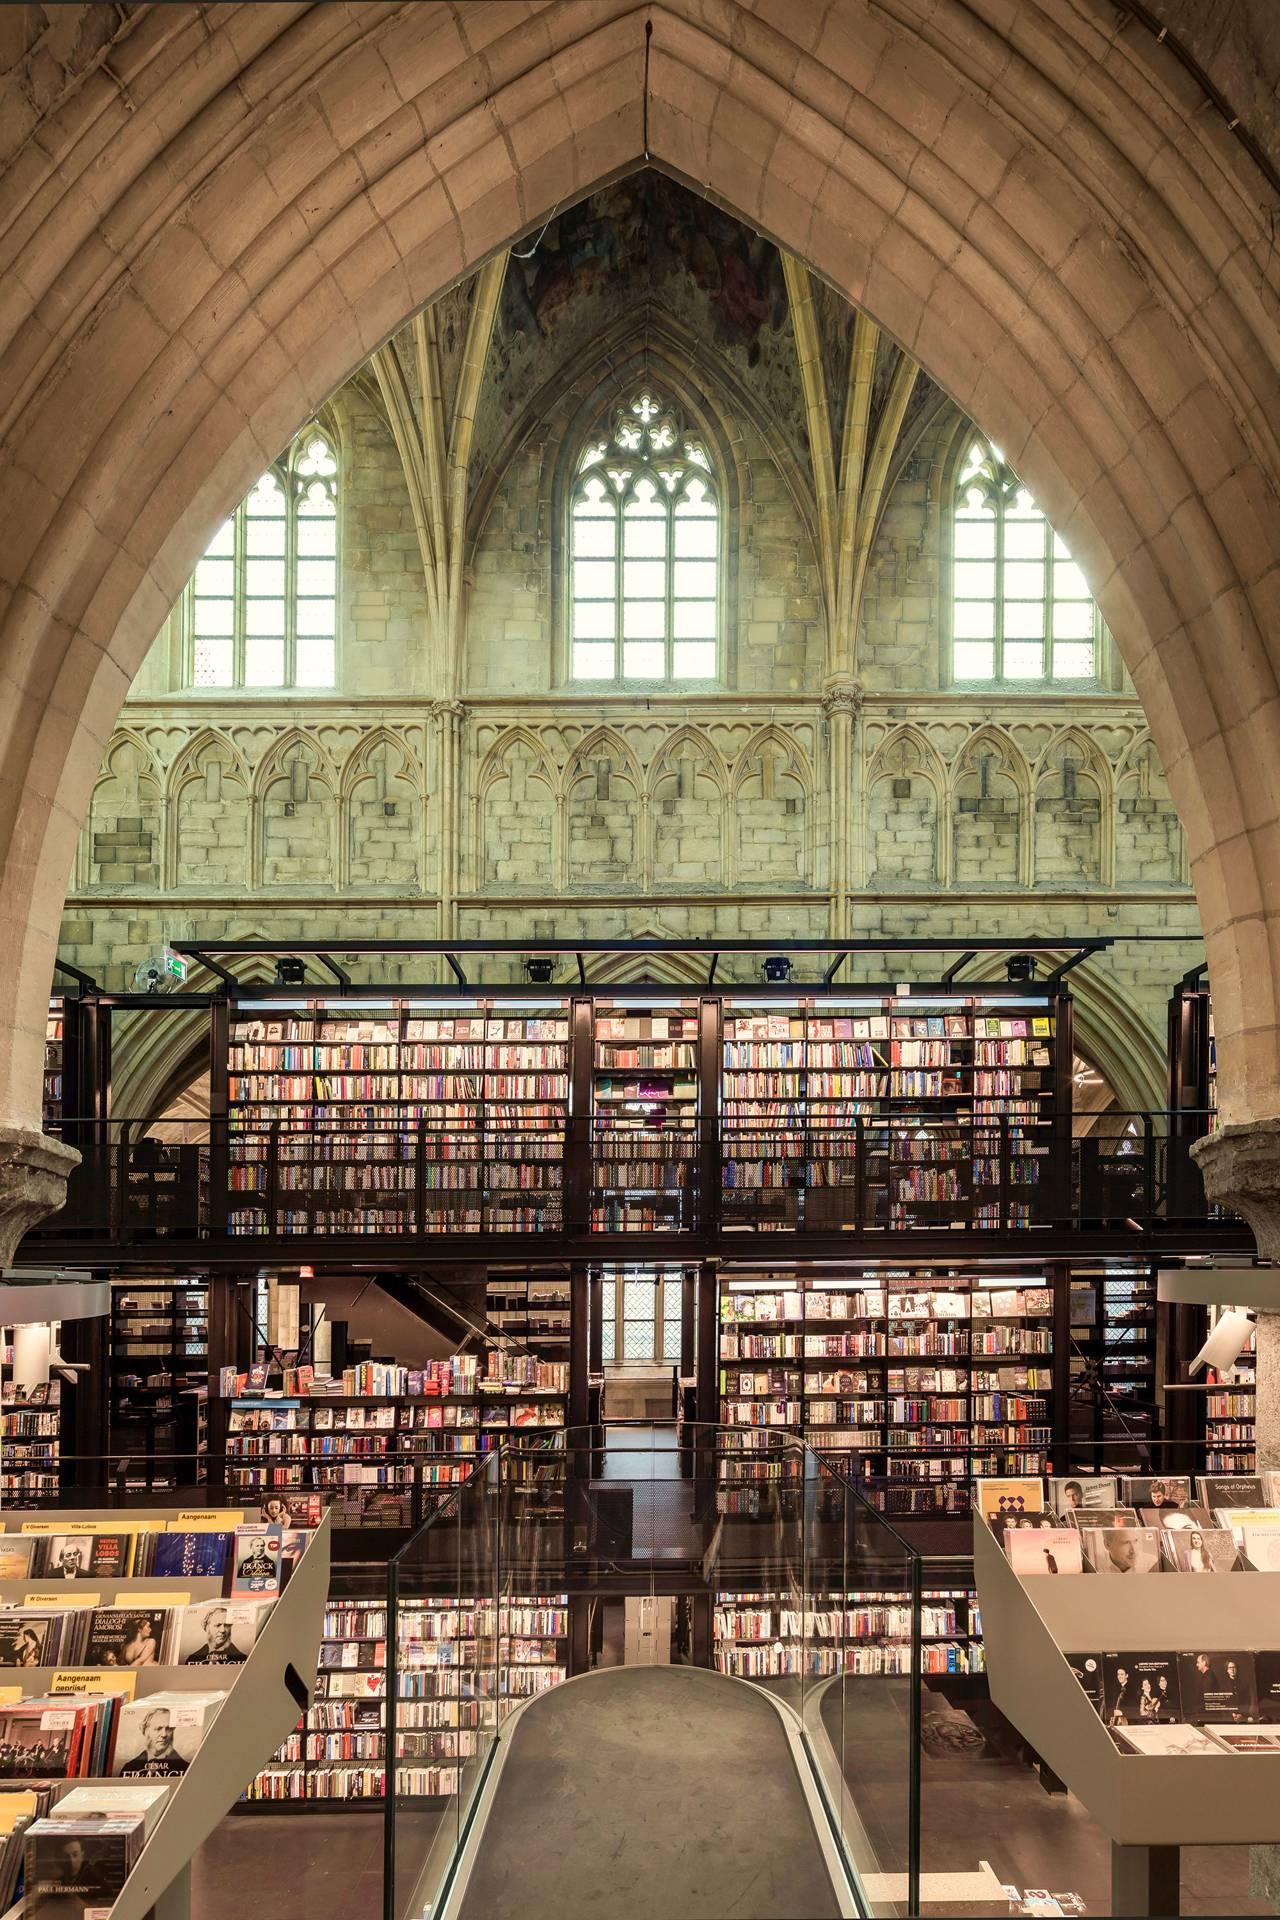 Boekhandel Dominicanen, Maastricht, Pays-Bas